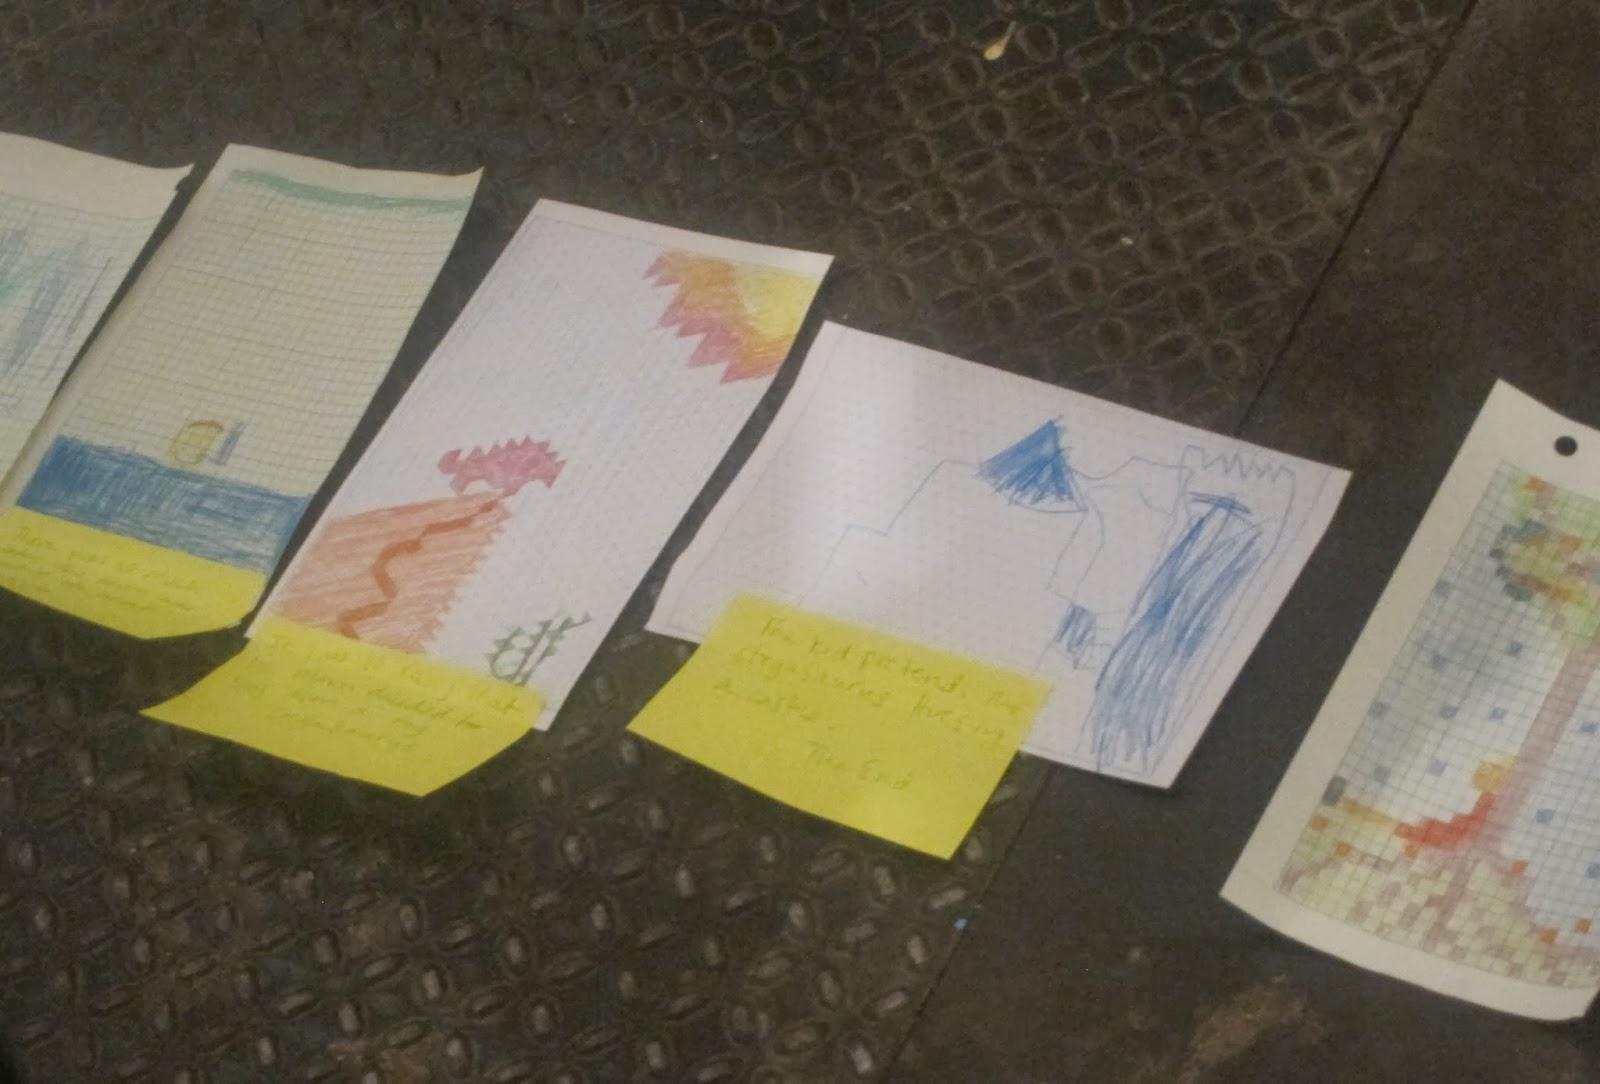 k i d s art education program 10 5 13 drawing together extreme